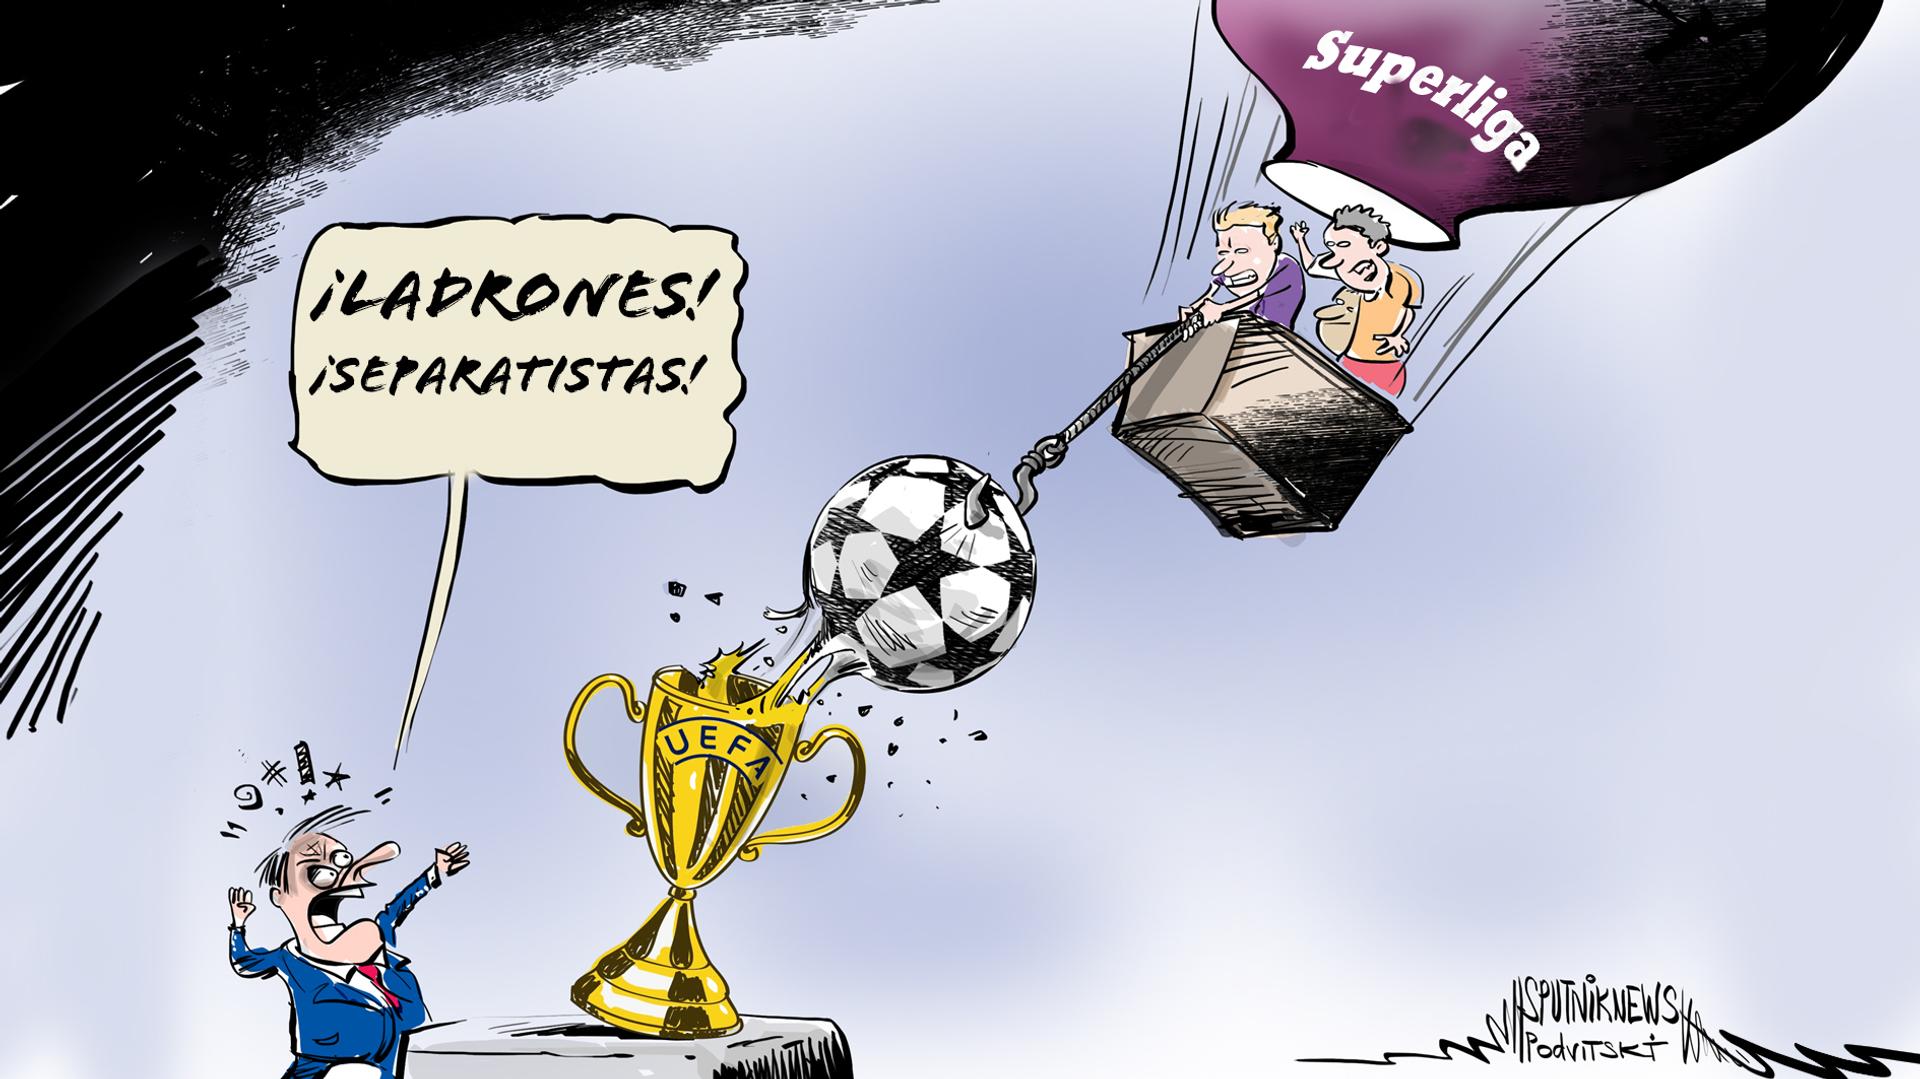 La Superliga, la manzana de la discordia que divide al fútbol europeo - Sputnik Mundo, 1920, 19.04.2021